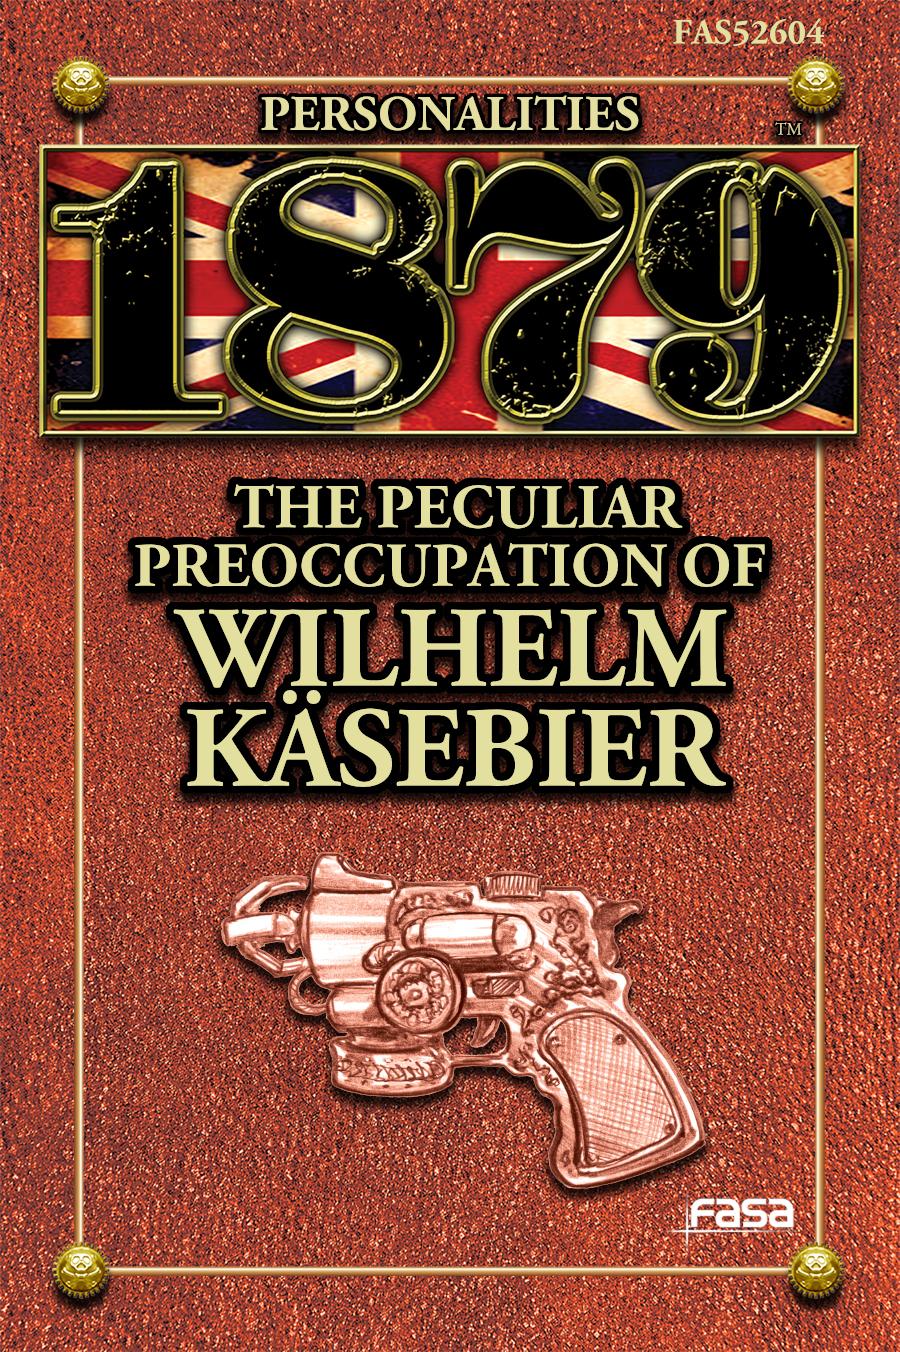 1879 RPG Personalities 04 Wilhelm Kasebier